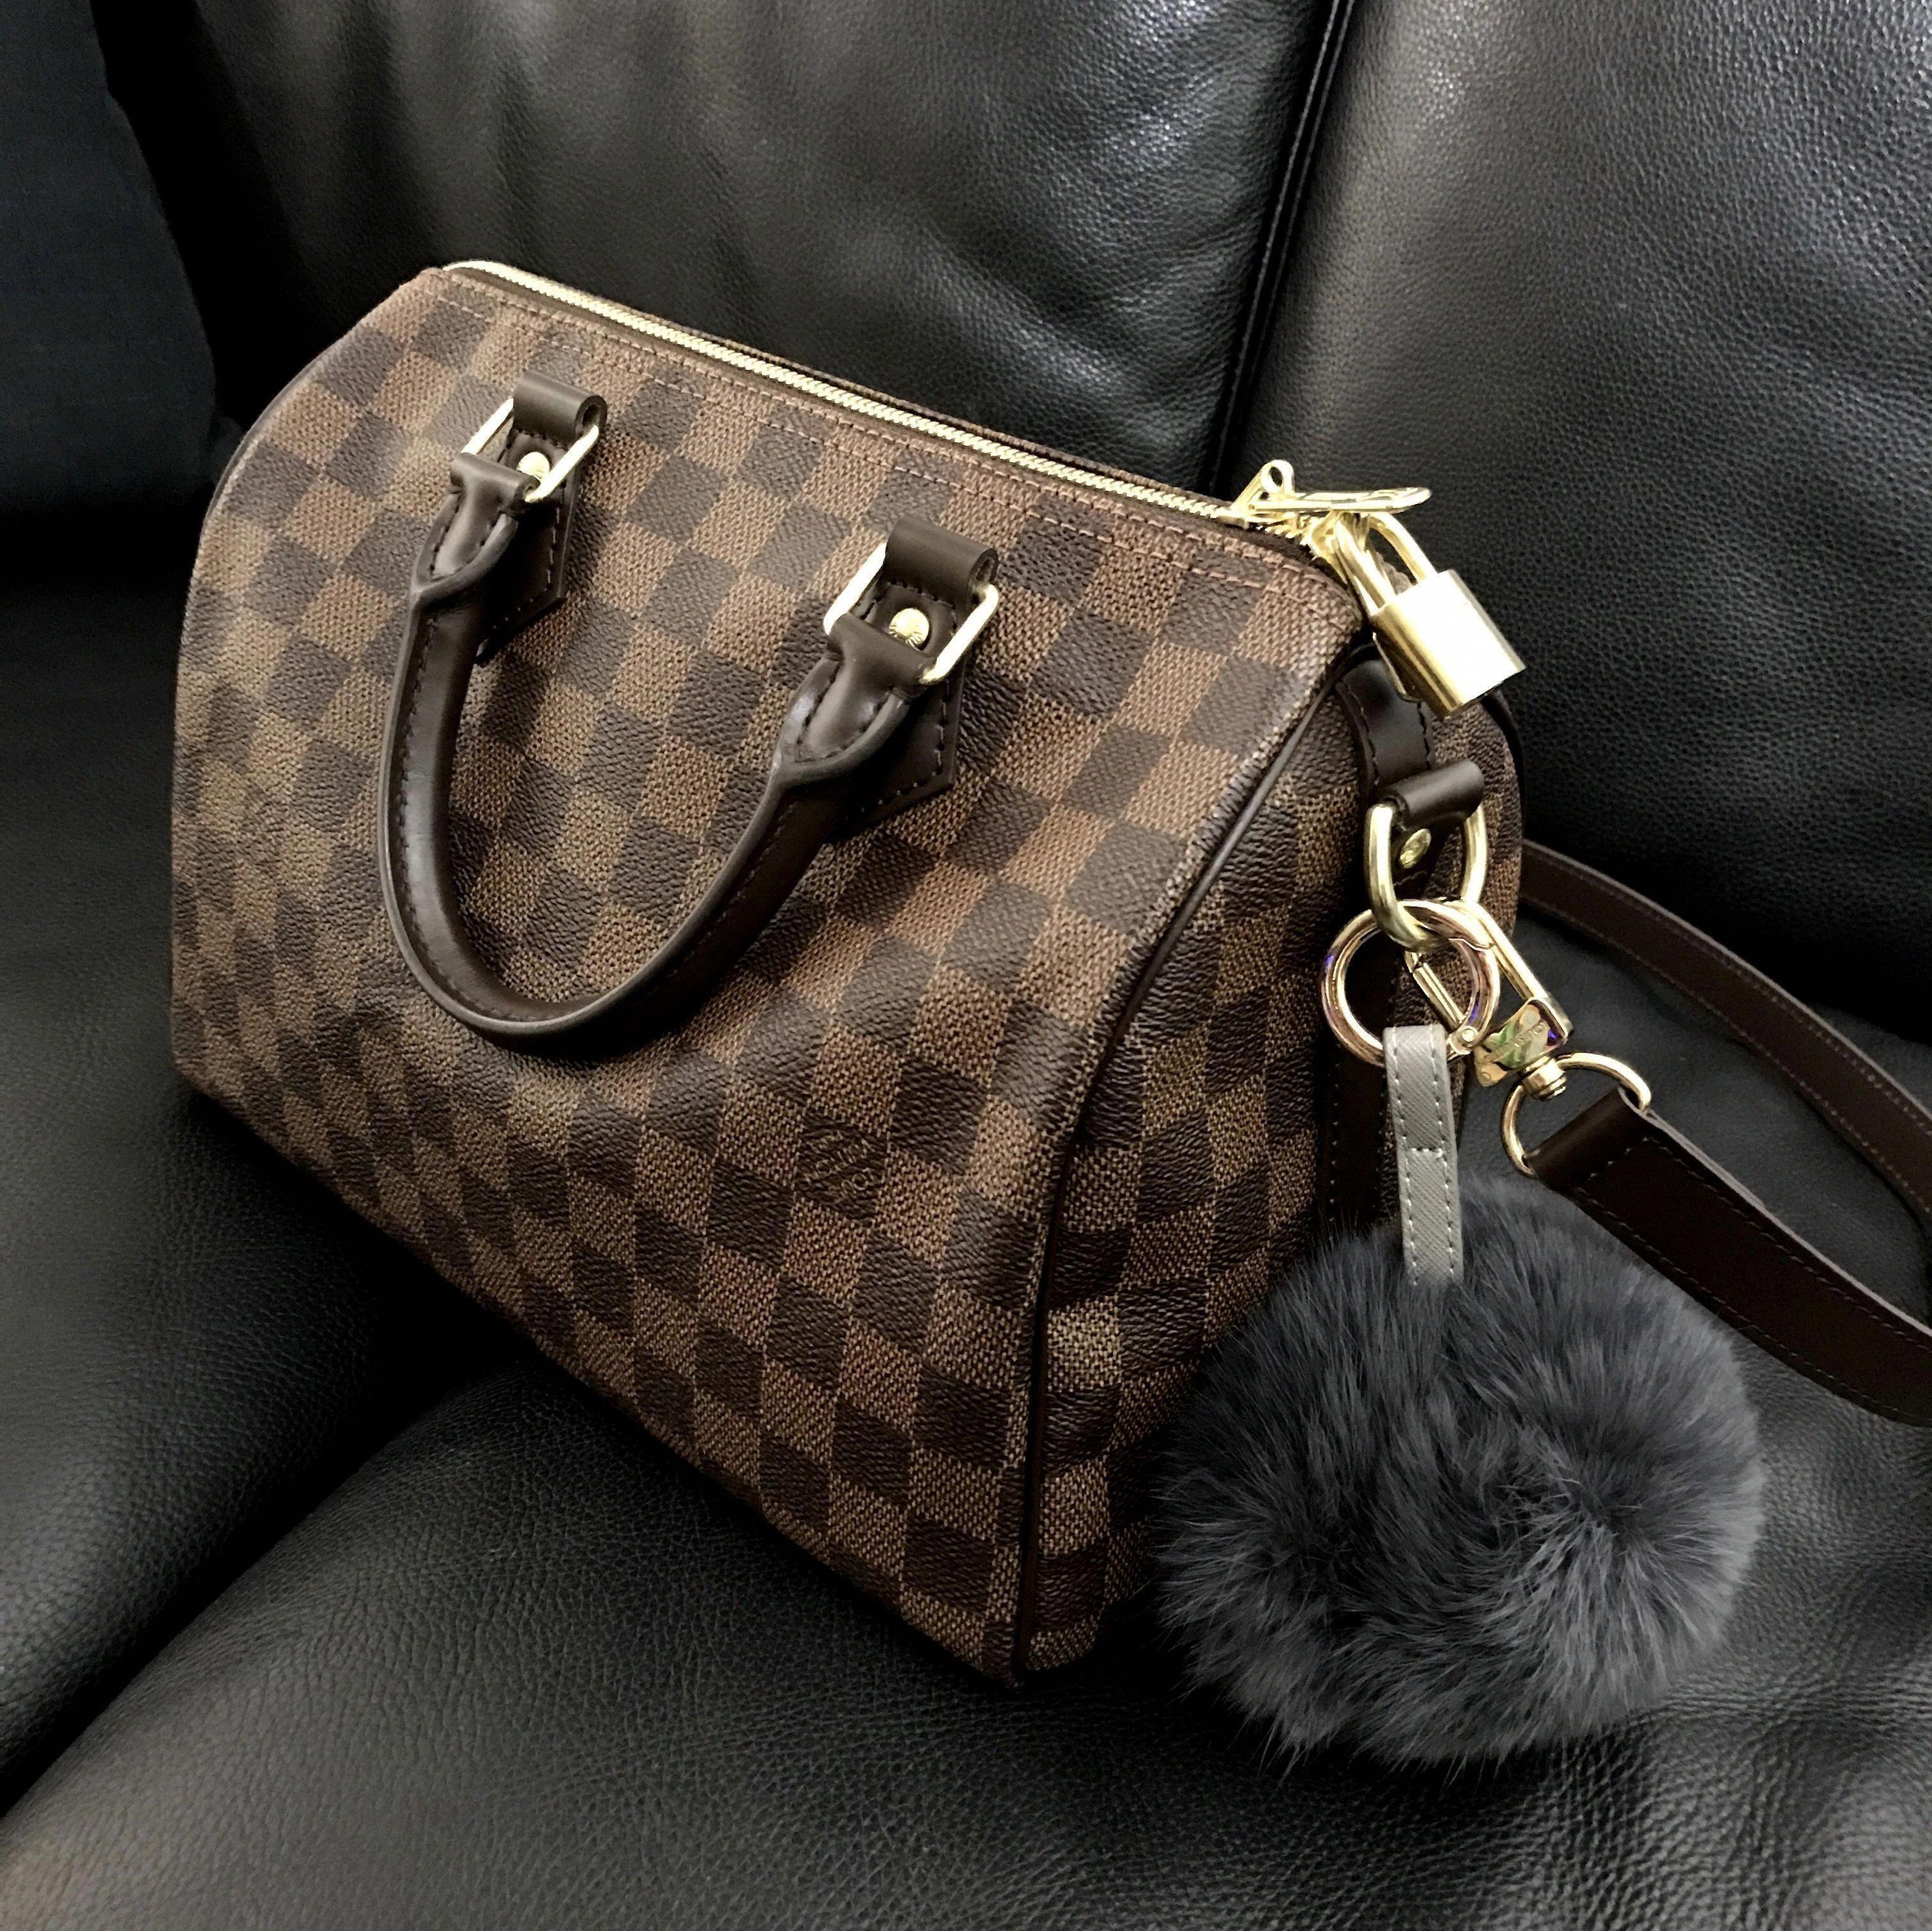 Louis Vuitton speedy b 25 in damier ebene  Louisvuittonhandbags ... a6b9c8e4a776b